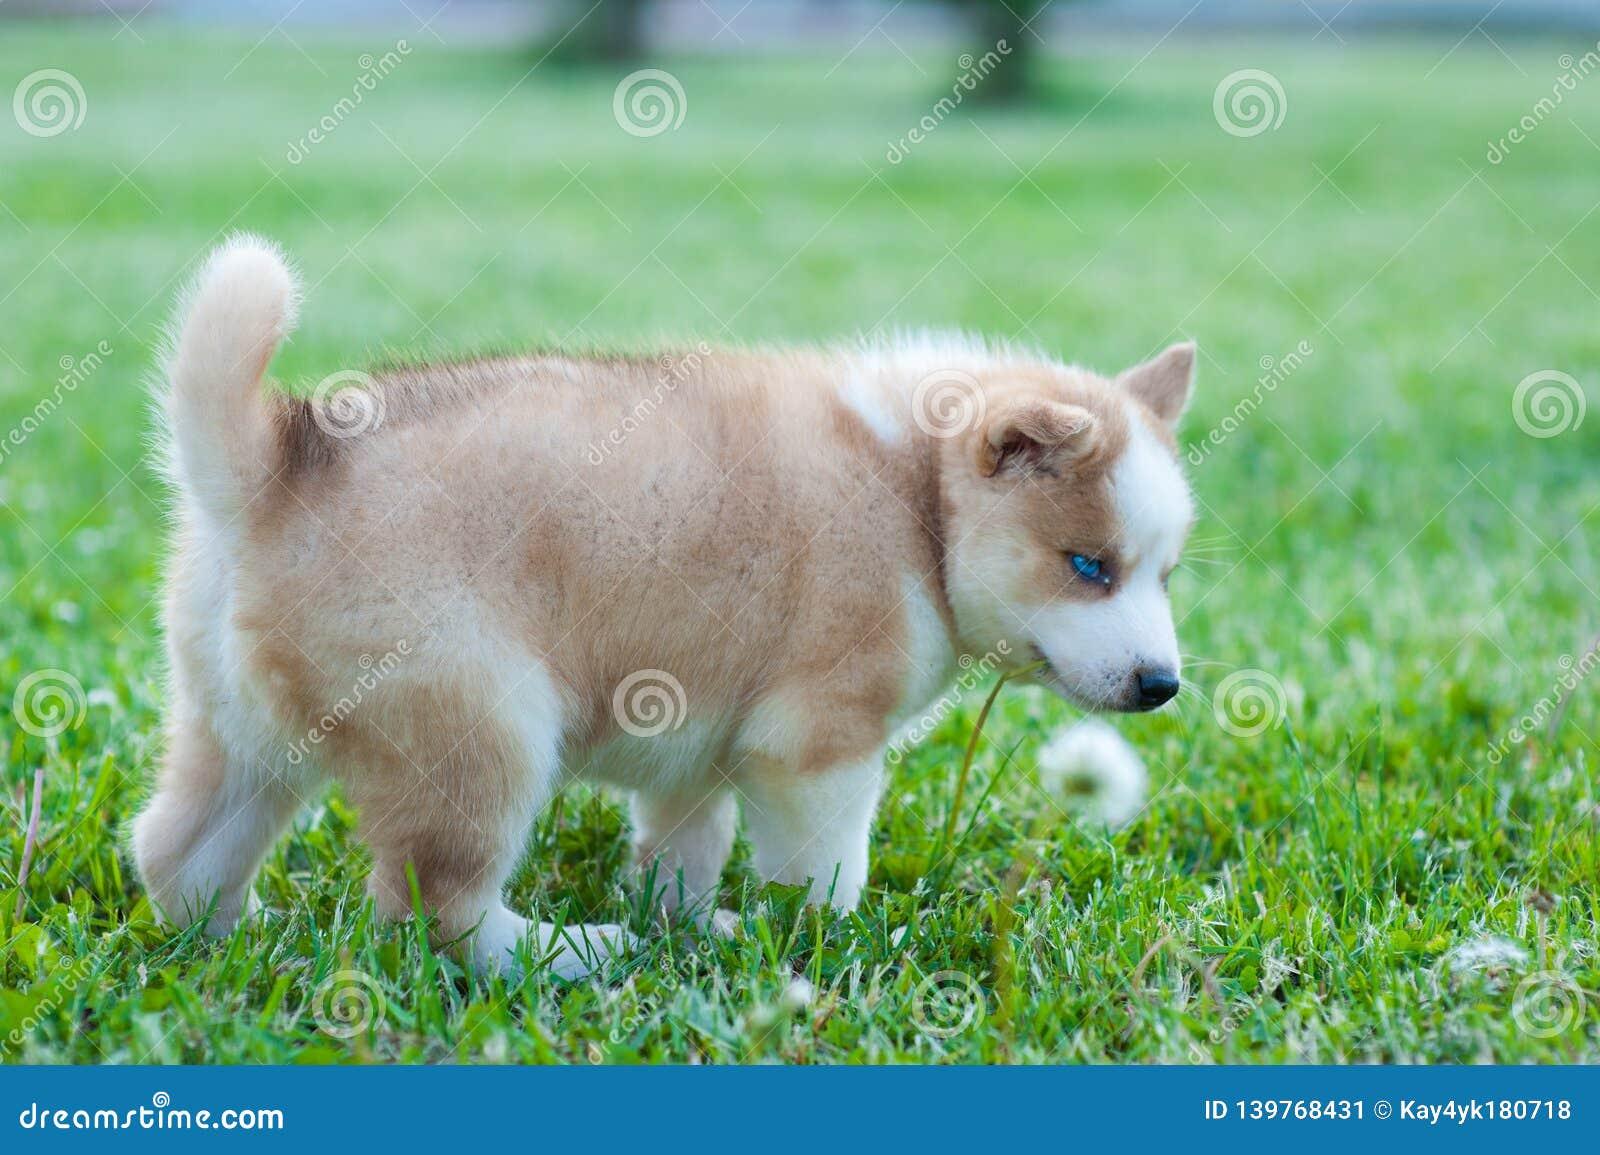 O cão ronco agarrou a grama verde com sua boca